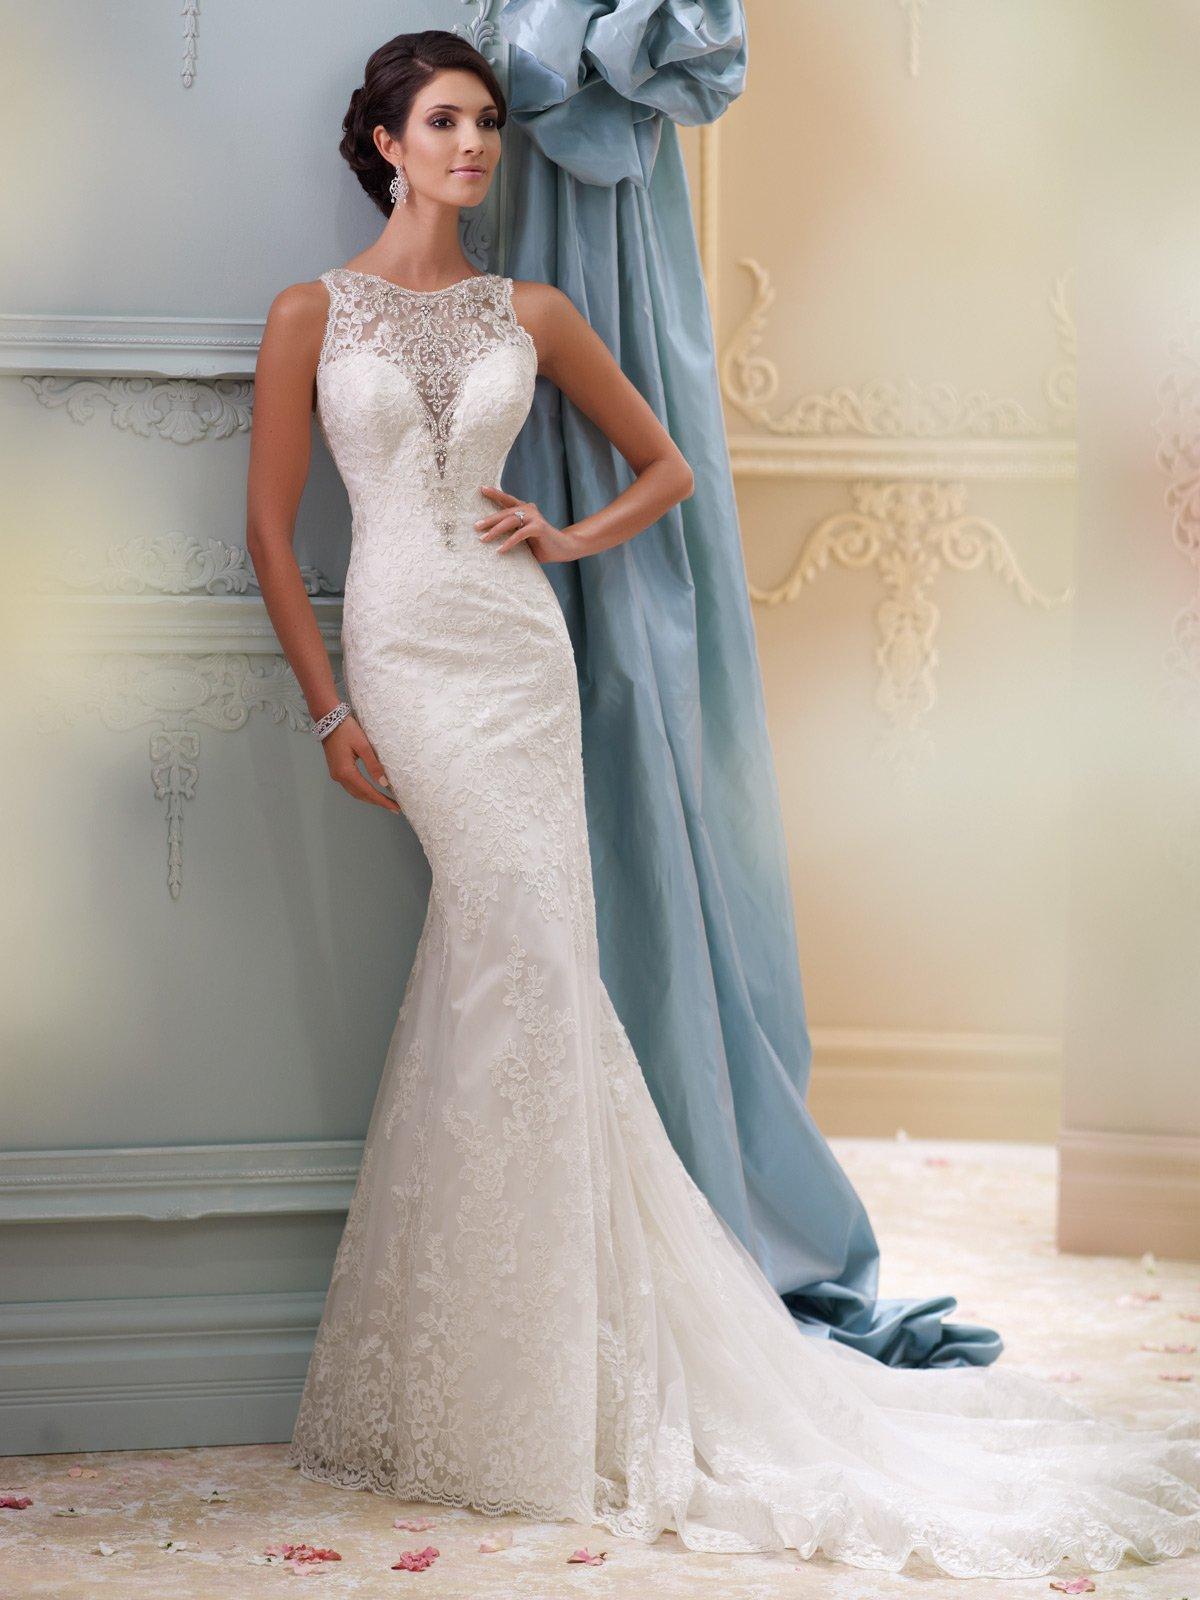 Платье обтягивающее на свадьбу